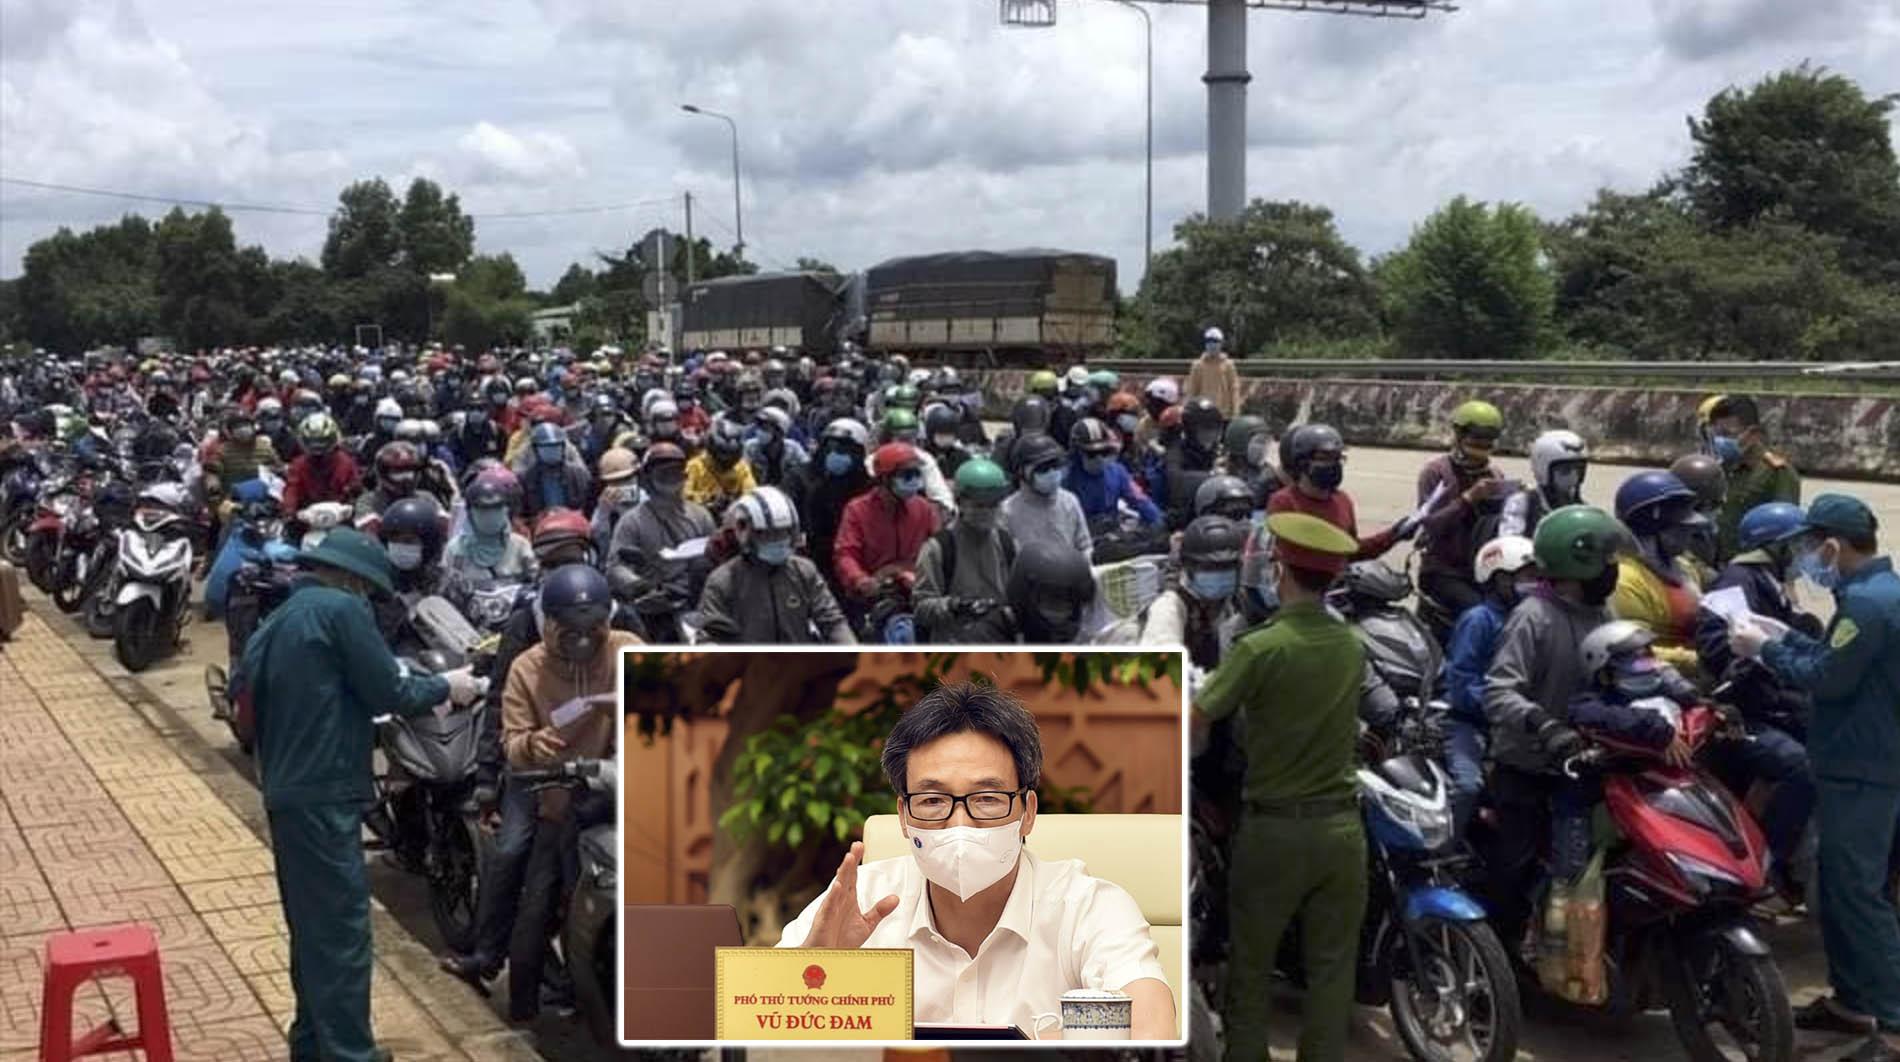 Hàng vạn người đang đổ về quê bằng xe máy, PTT Vũ Đức Đam vừa có công điện hỏa tốc làm nức lòng người dân cả nước